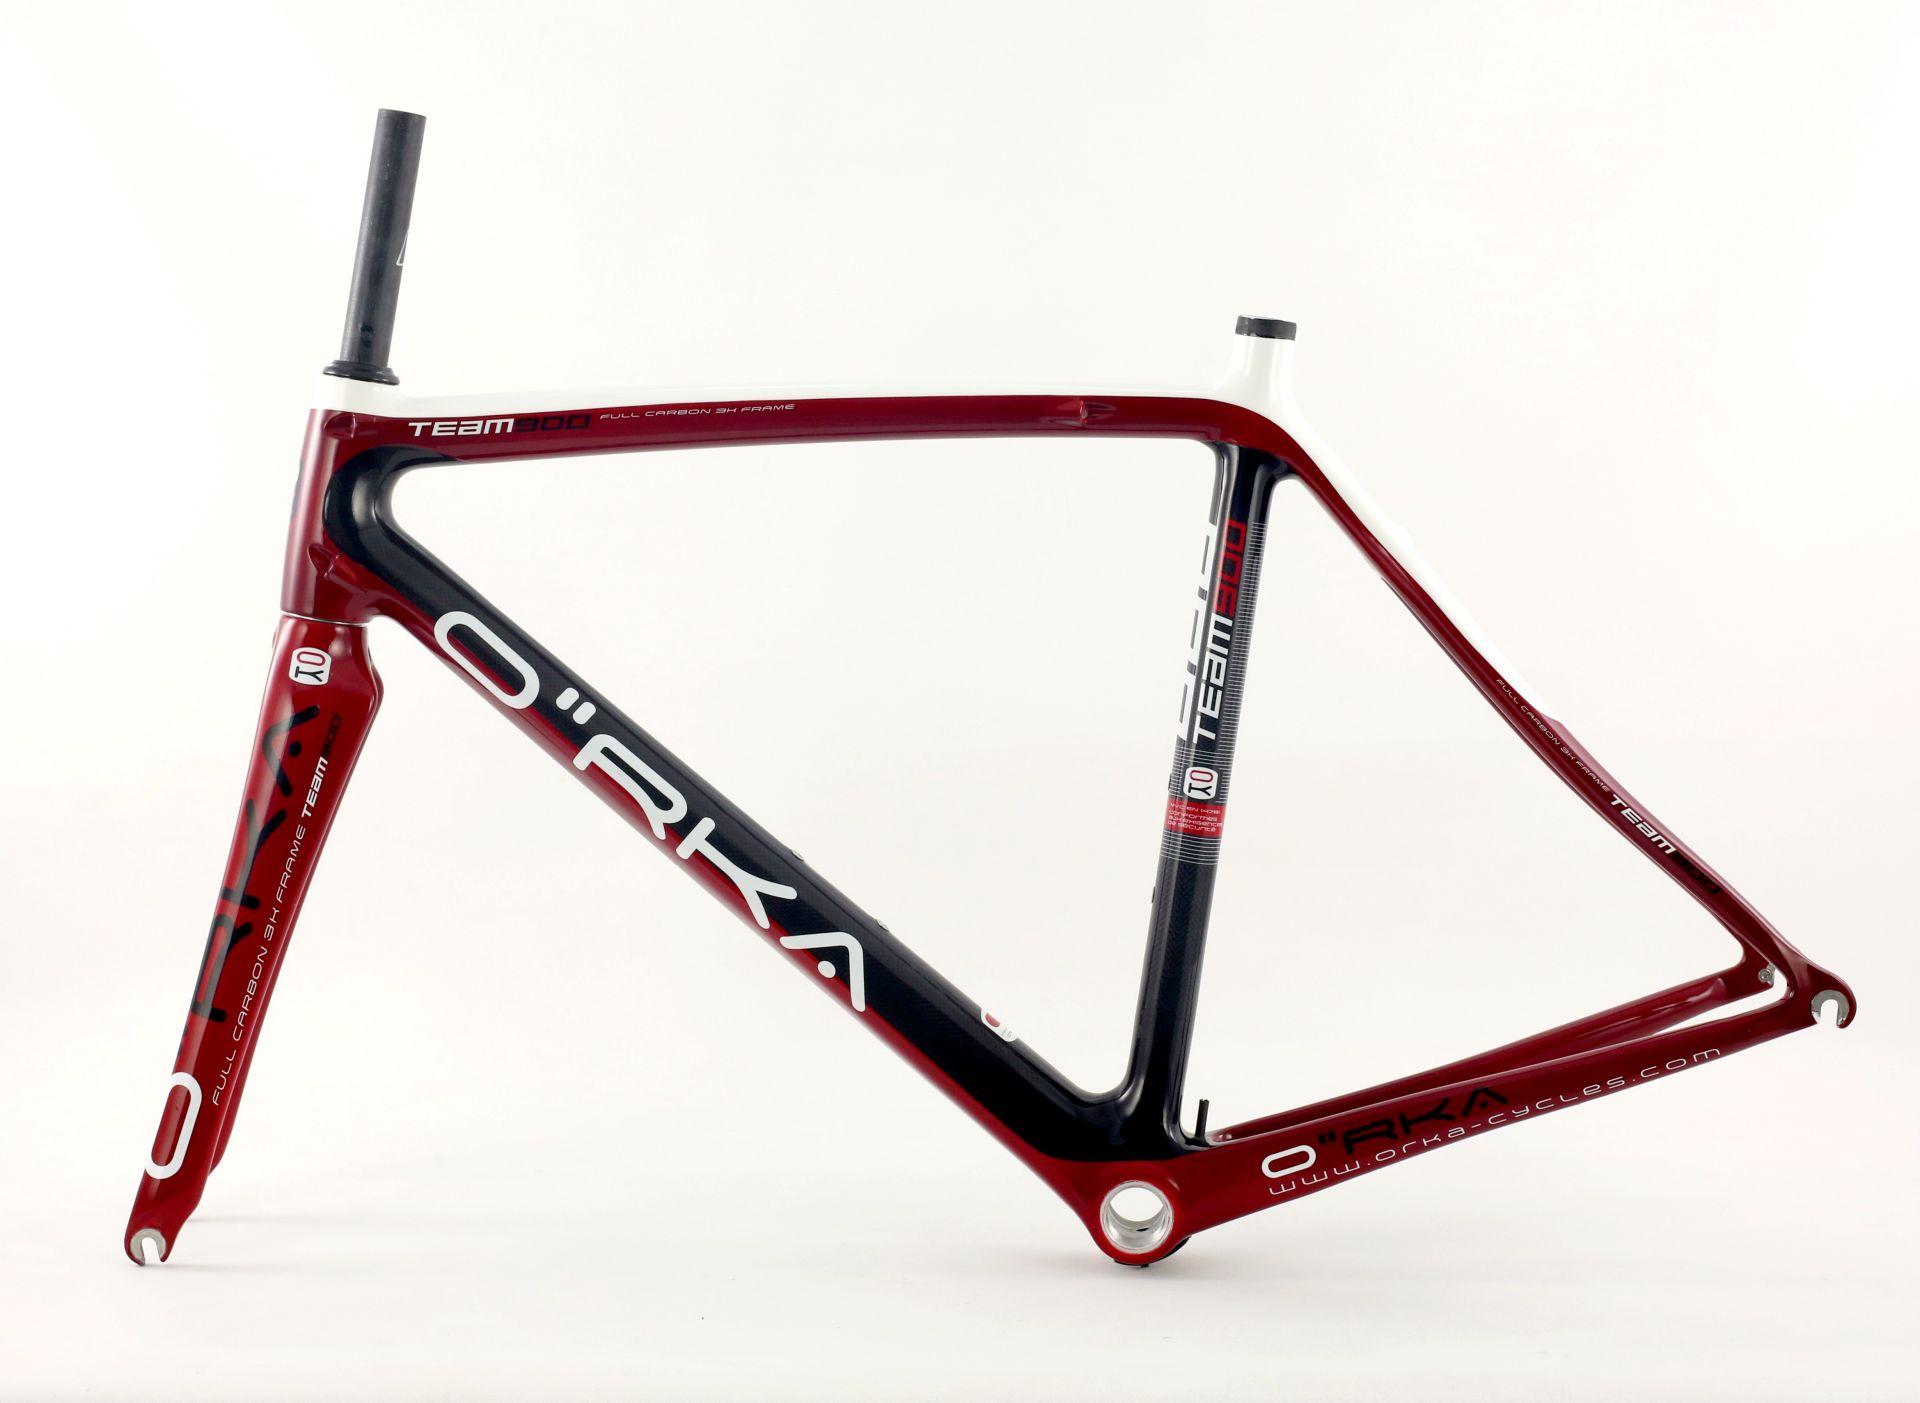 Kit cadre Team 900 Carbone (Rouge/Noir/Blanc) - S